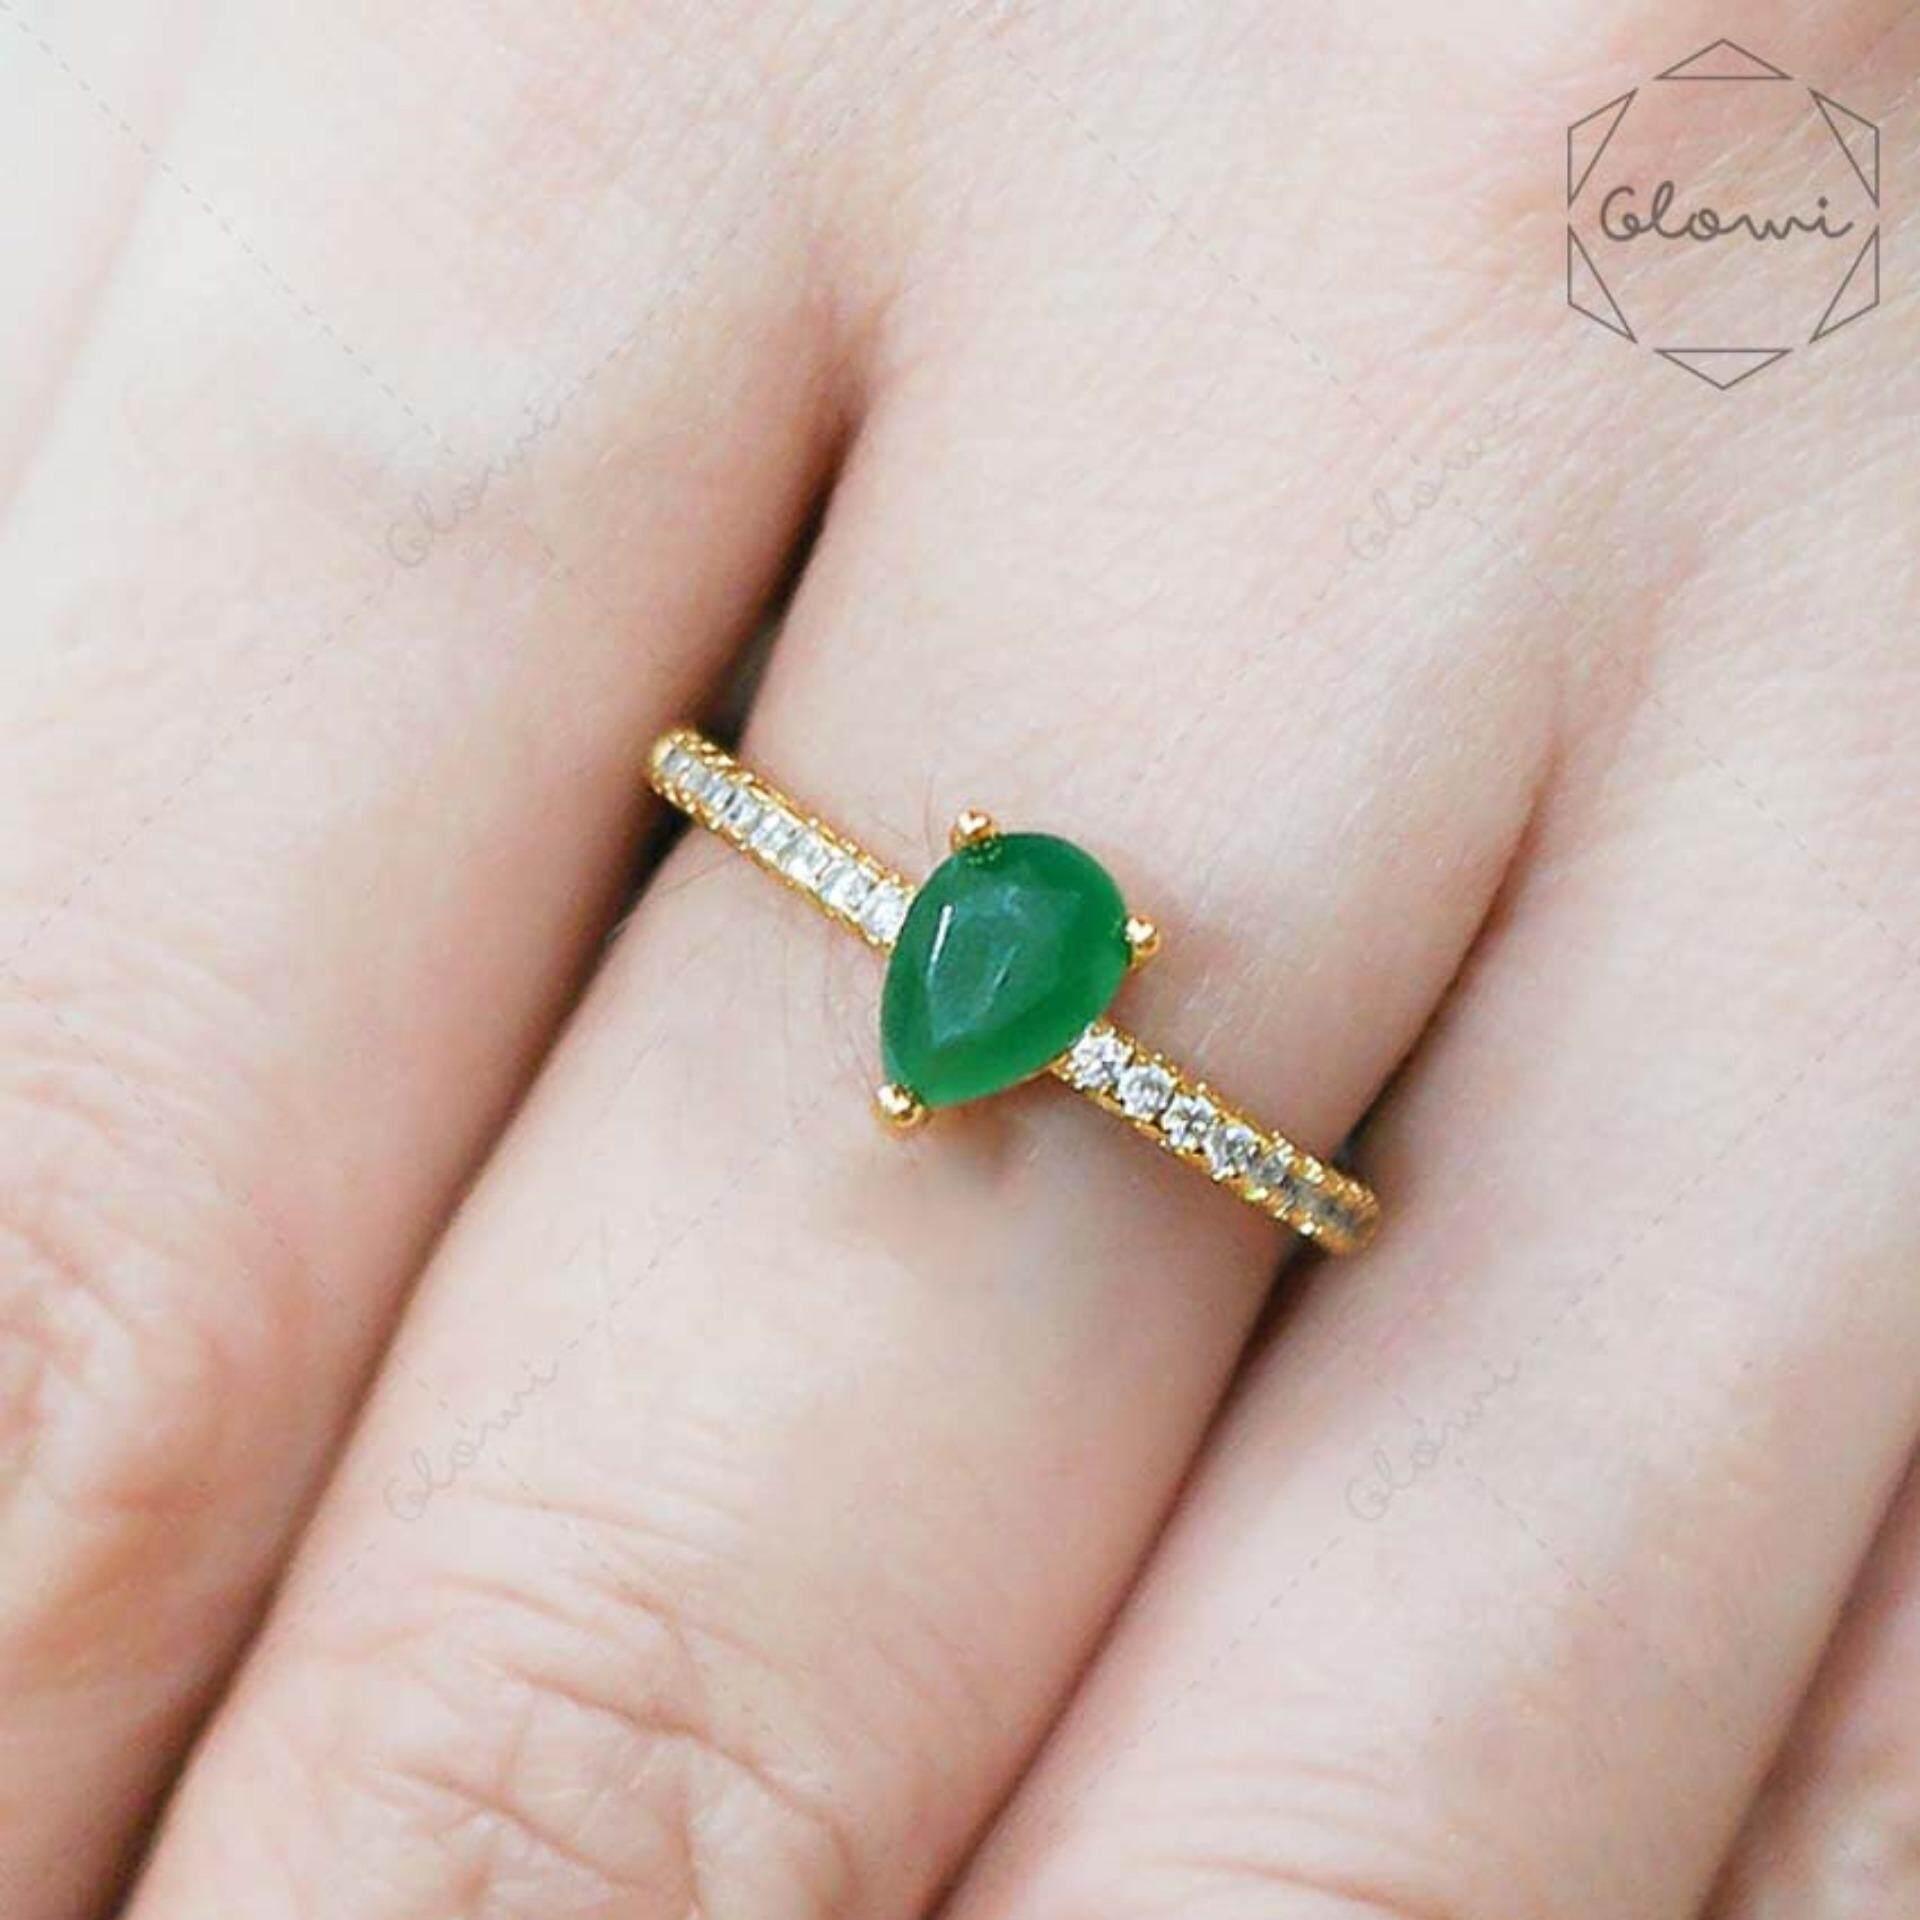 ซื้อ Bewi G แหวนชุบทอง ประดับคริสตัล เม็ดเดี่ยว รูปหยดน้ำ เพชร Cz ล้อมรอบวง รุ่น Bg R0048 สีเขียวมรกต Green ถูก ไทย